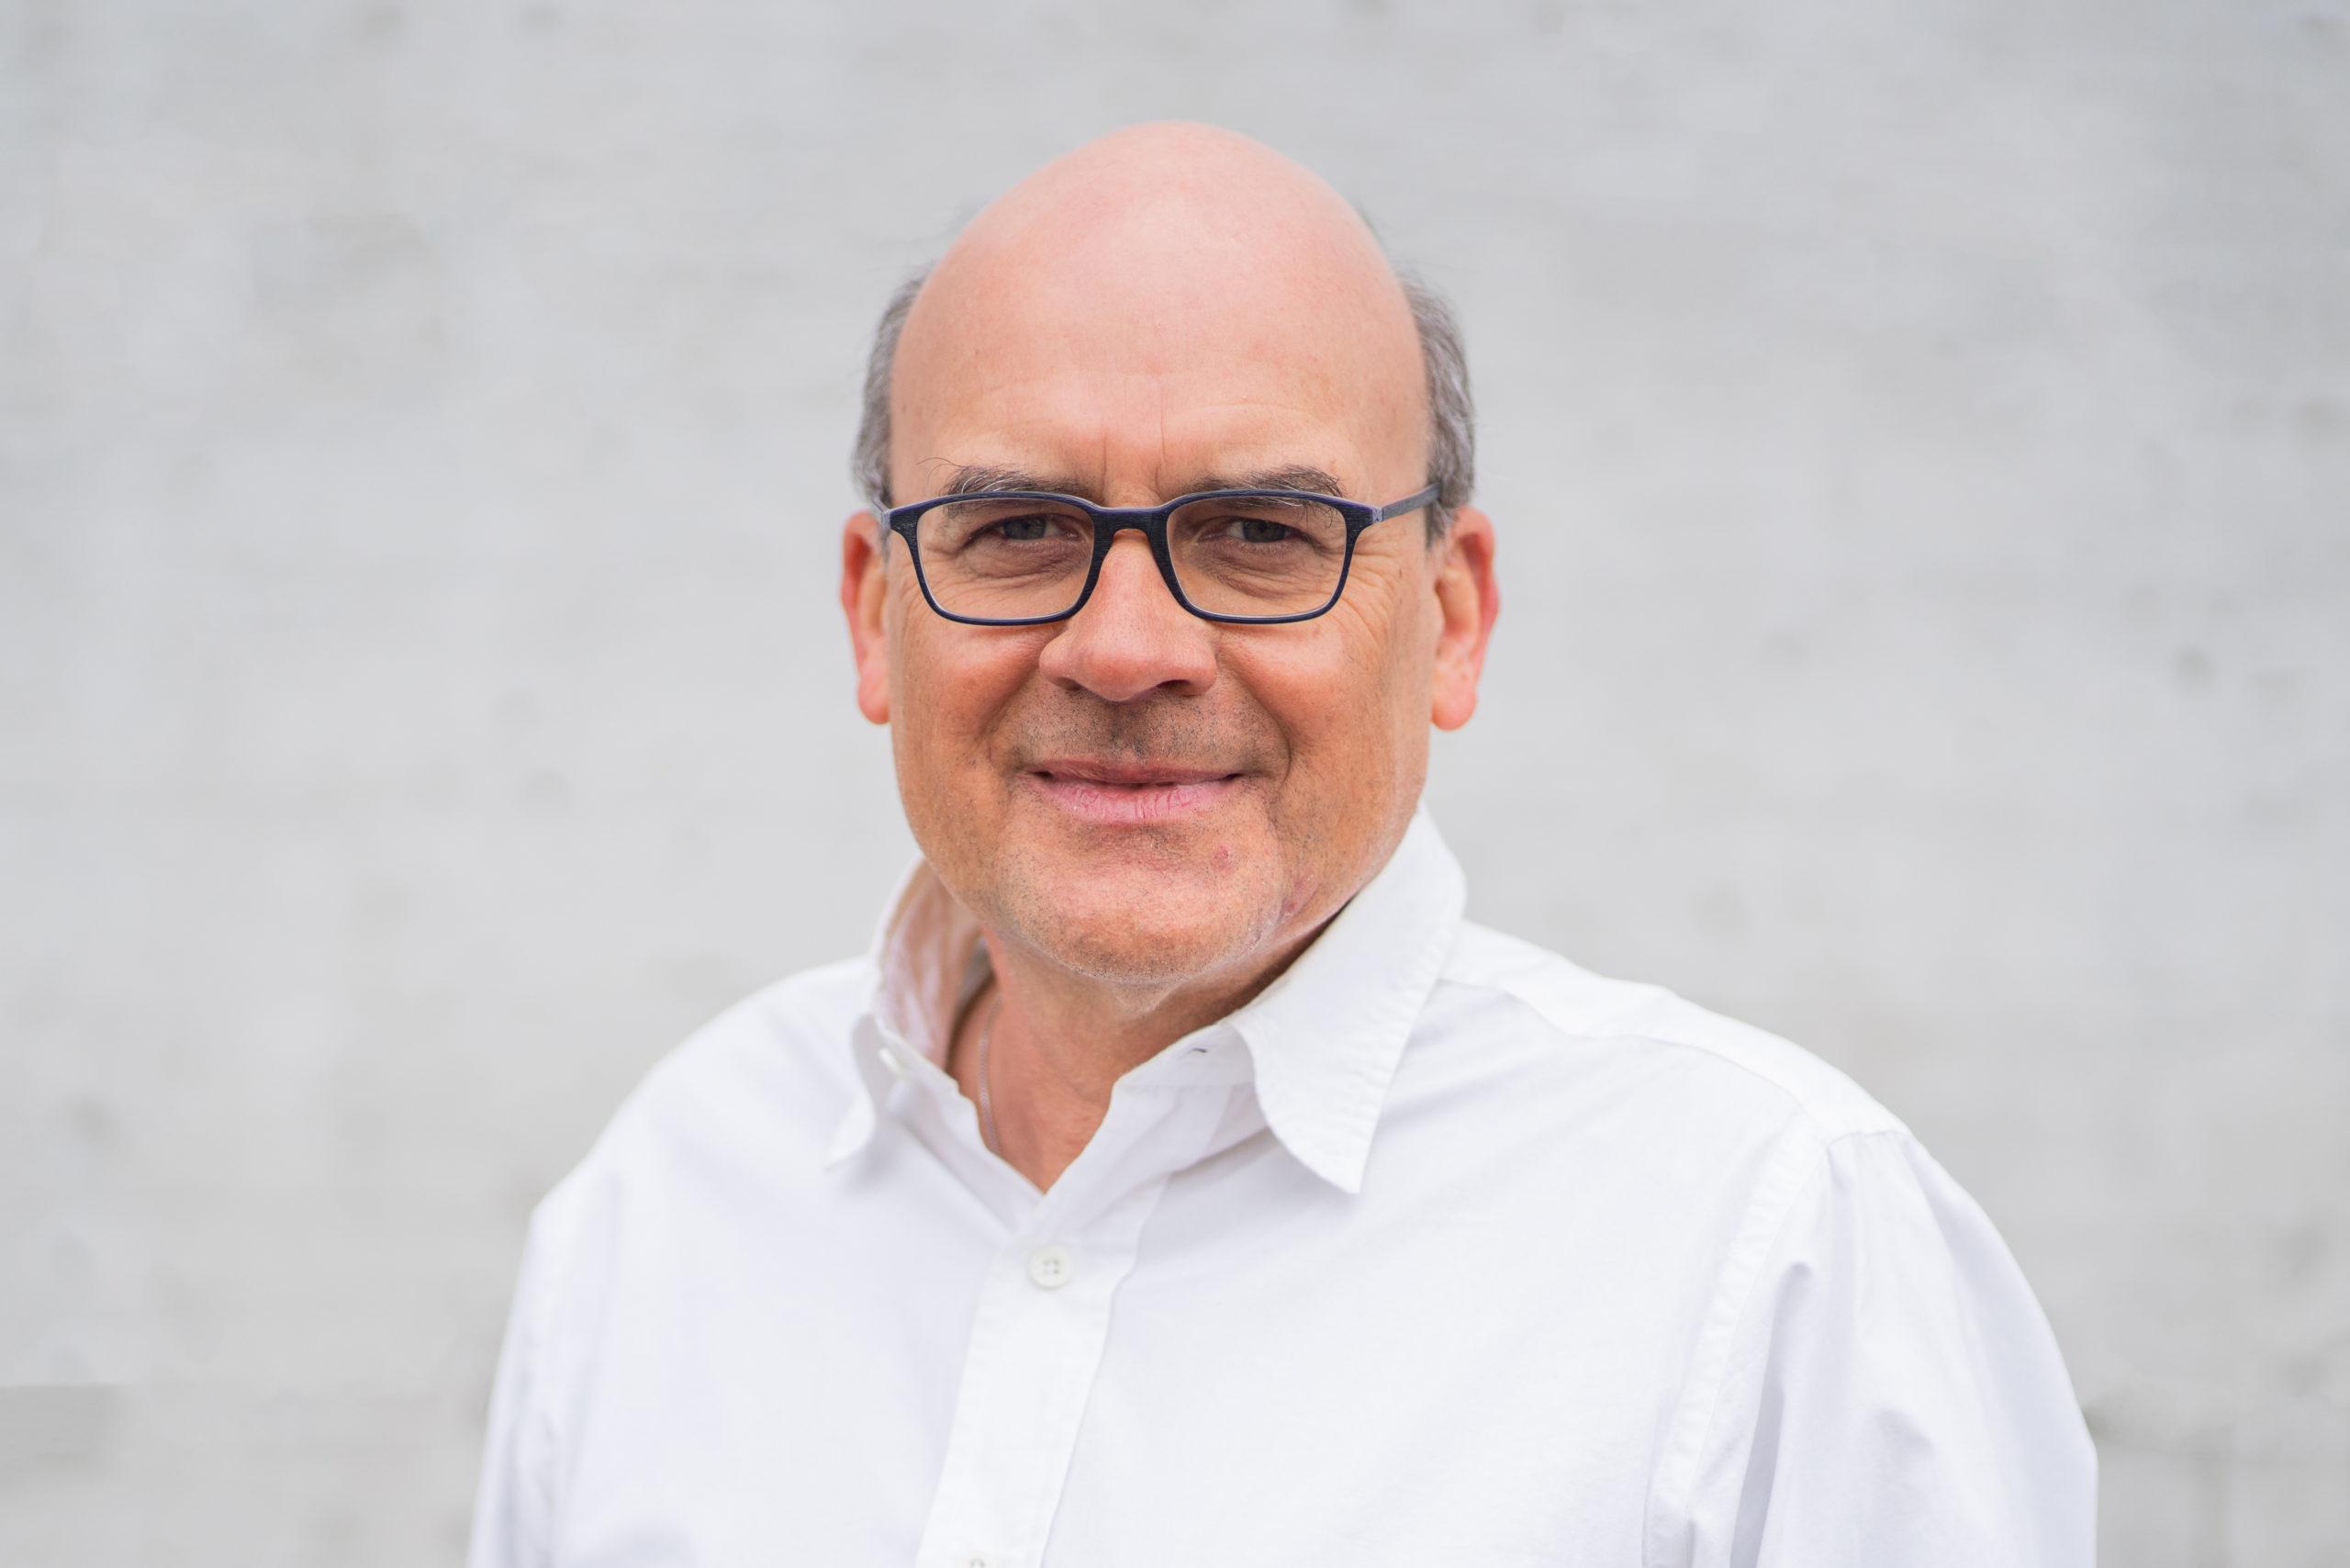 Stefan Zurkinden